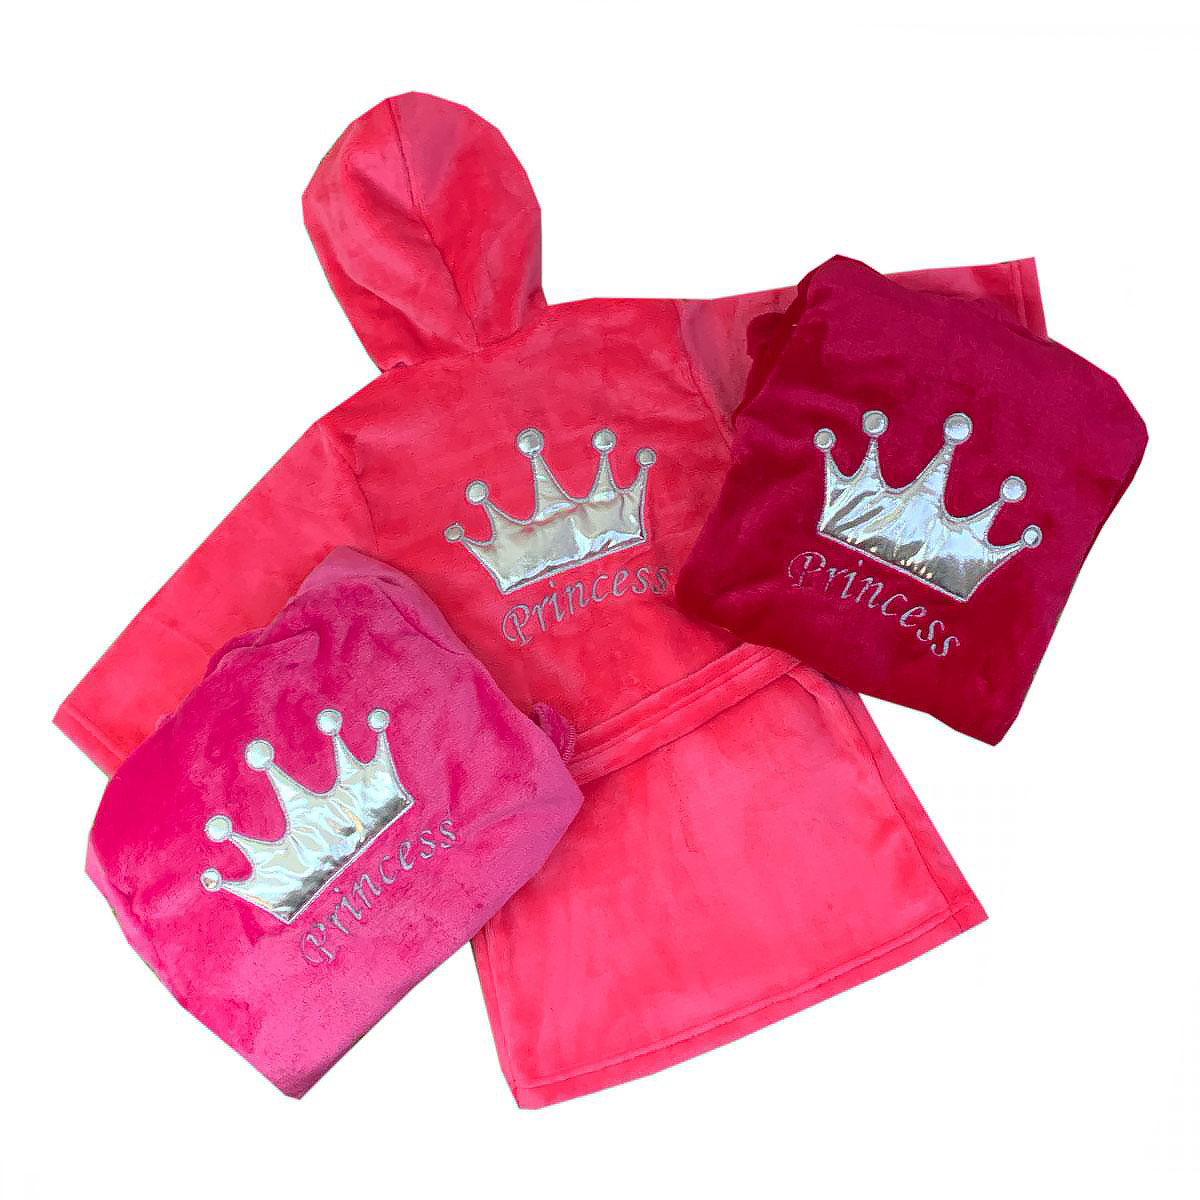 """Махровый детский халат на запах с капюшоном """"Princess"""" р. 26-34"""